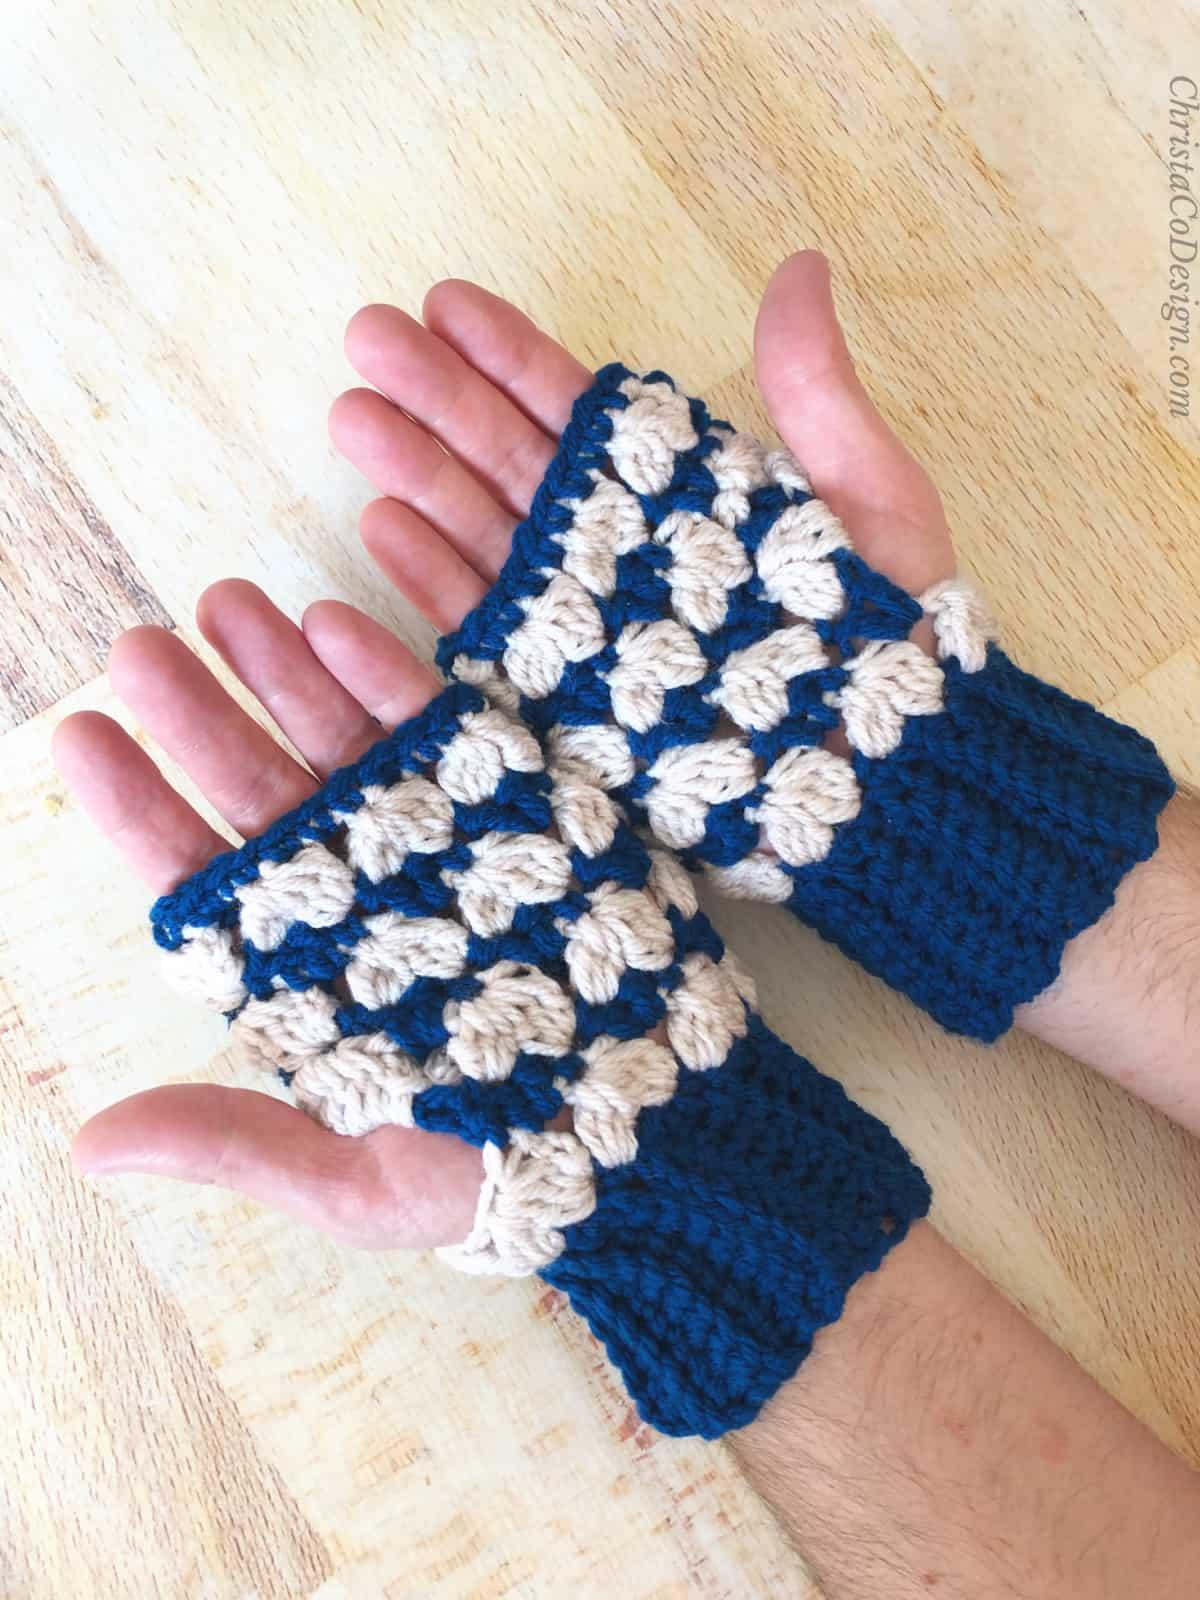 Mens fingerless gloves crochet pattern in blue and cream on light background.